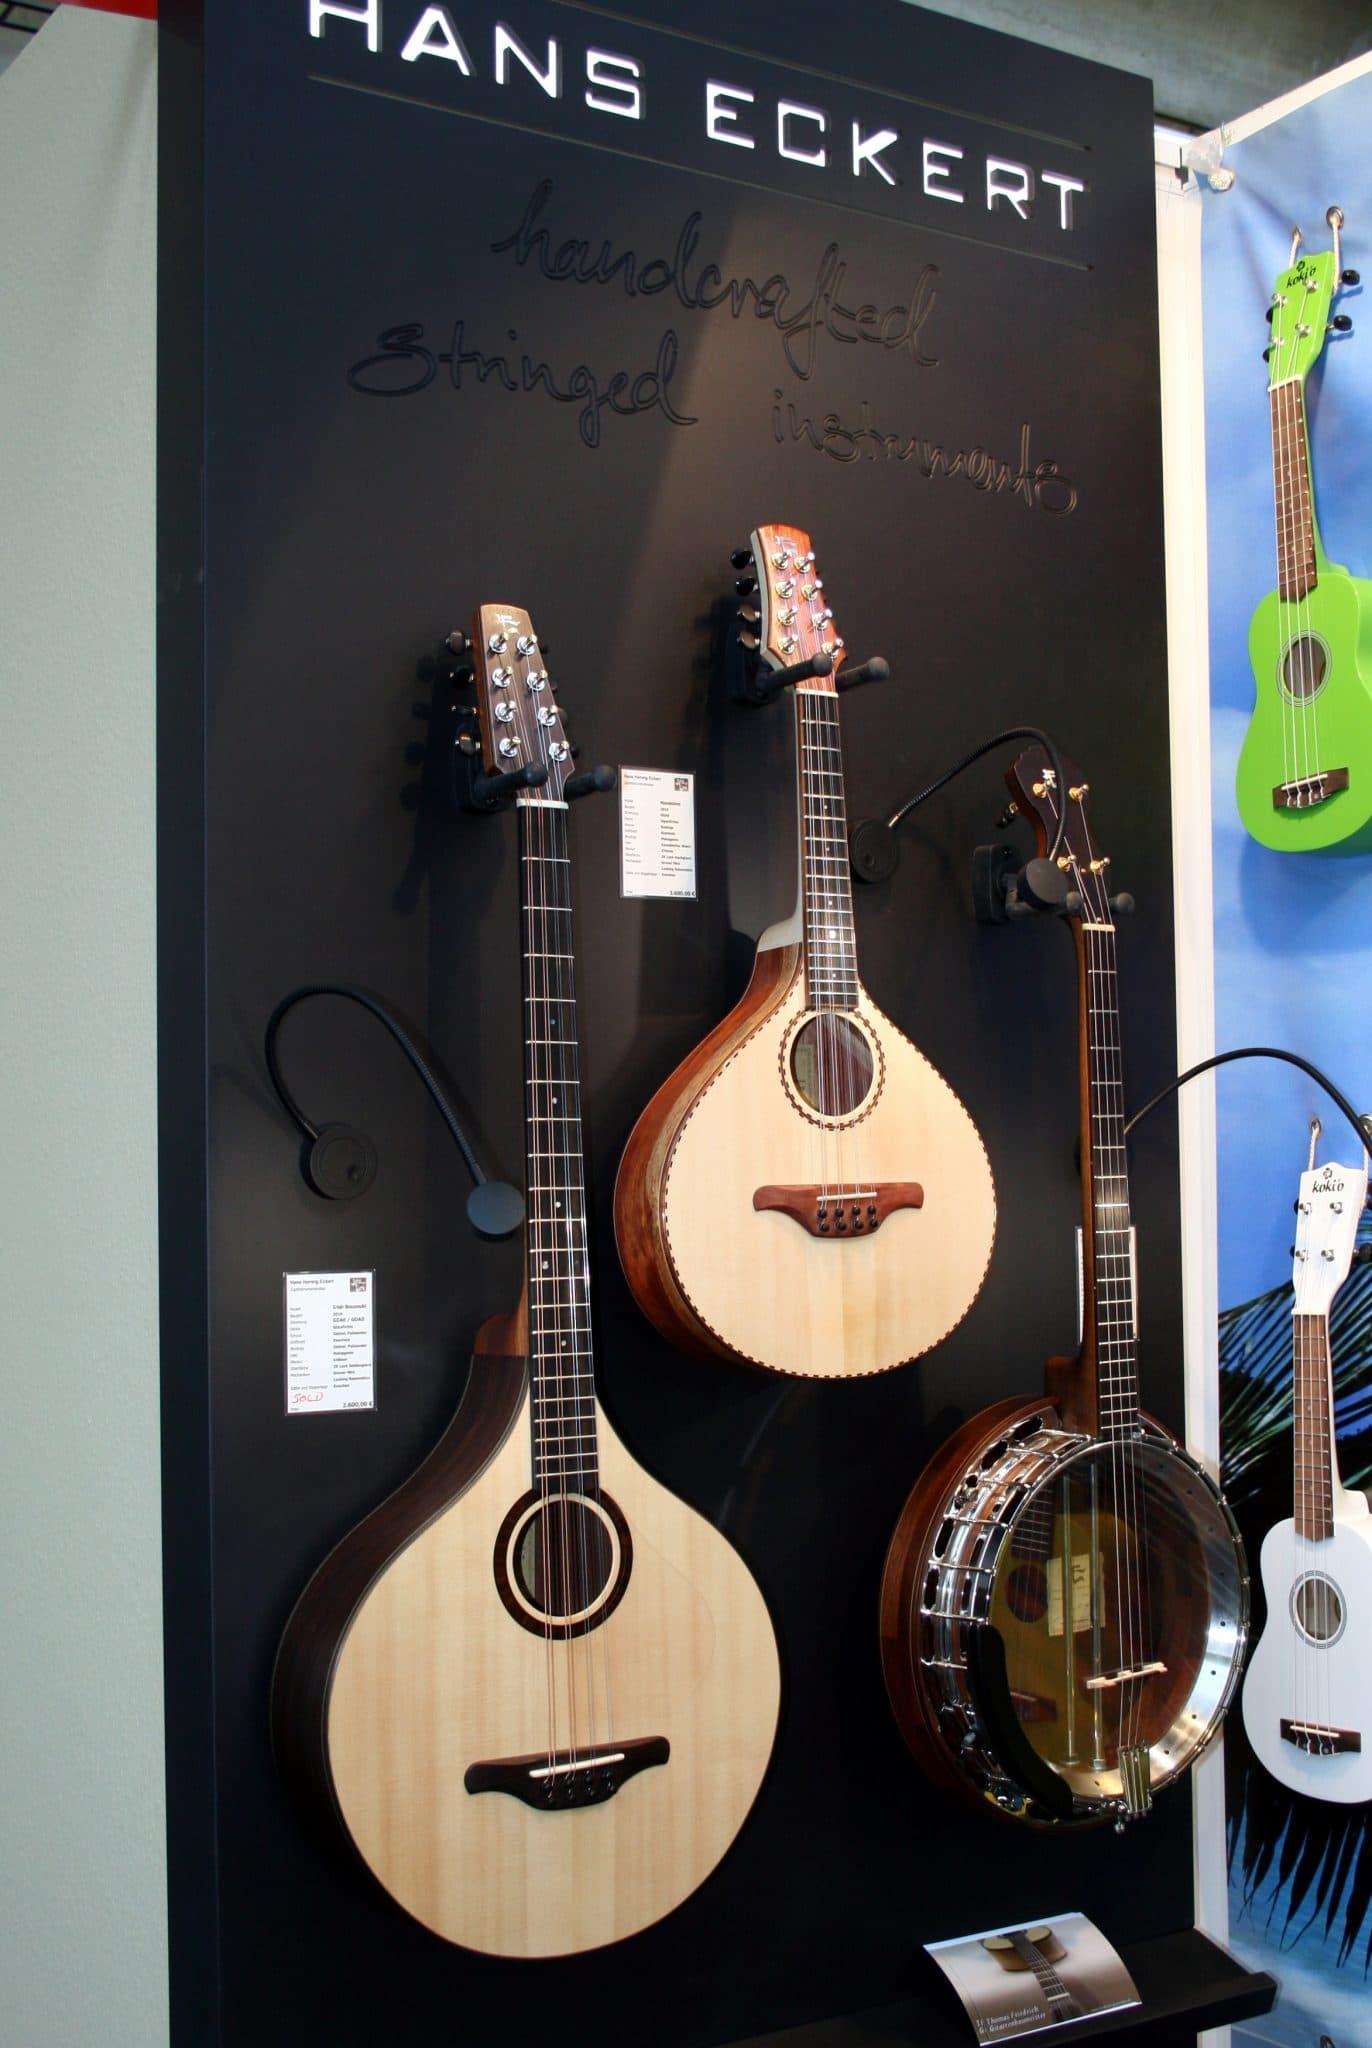 Traditionelle Folk Instrumente von Hans Eckert auf der Musikmesse 2016